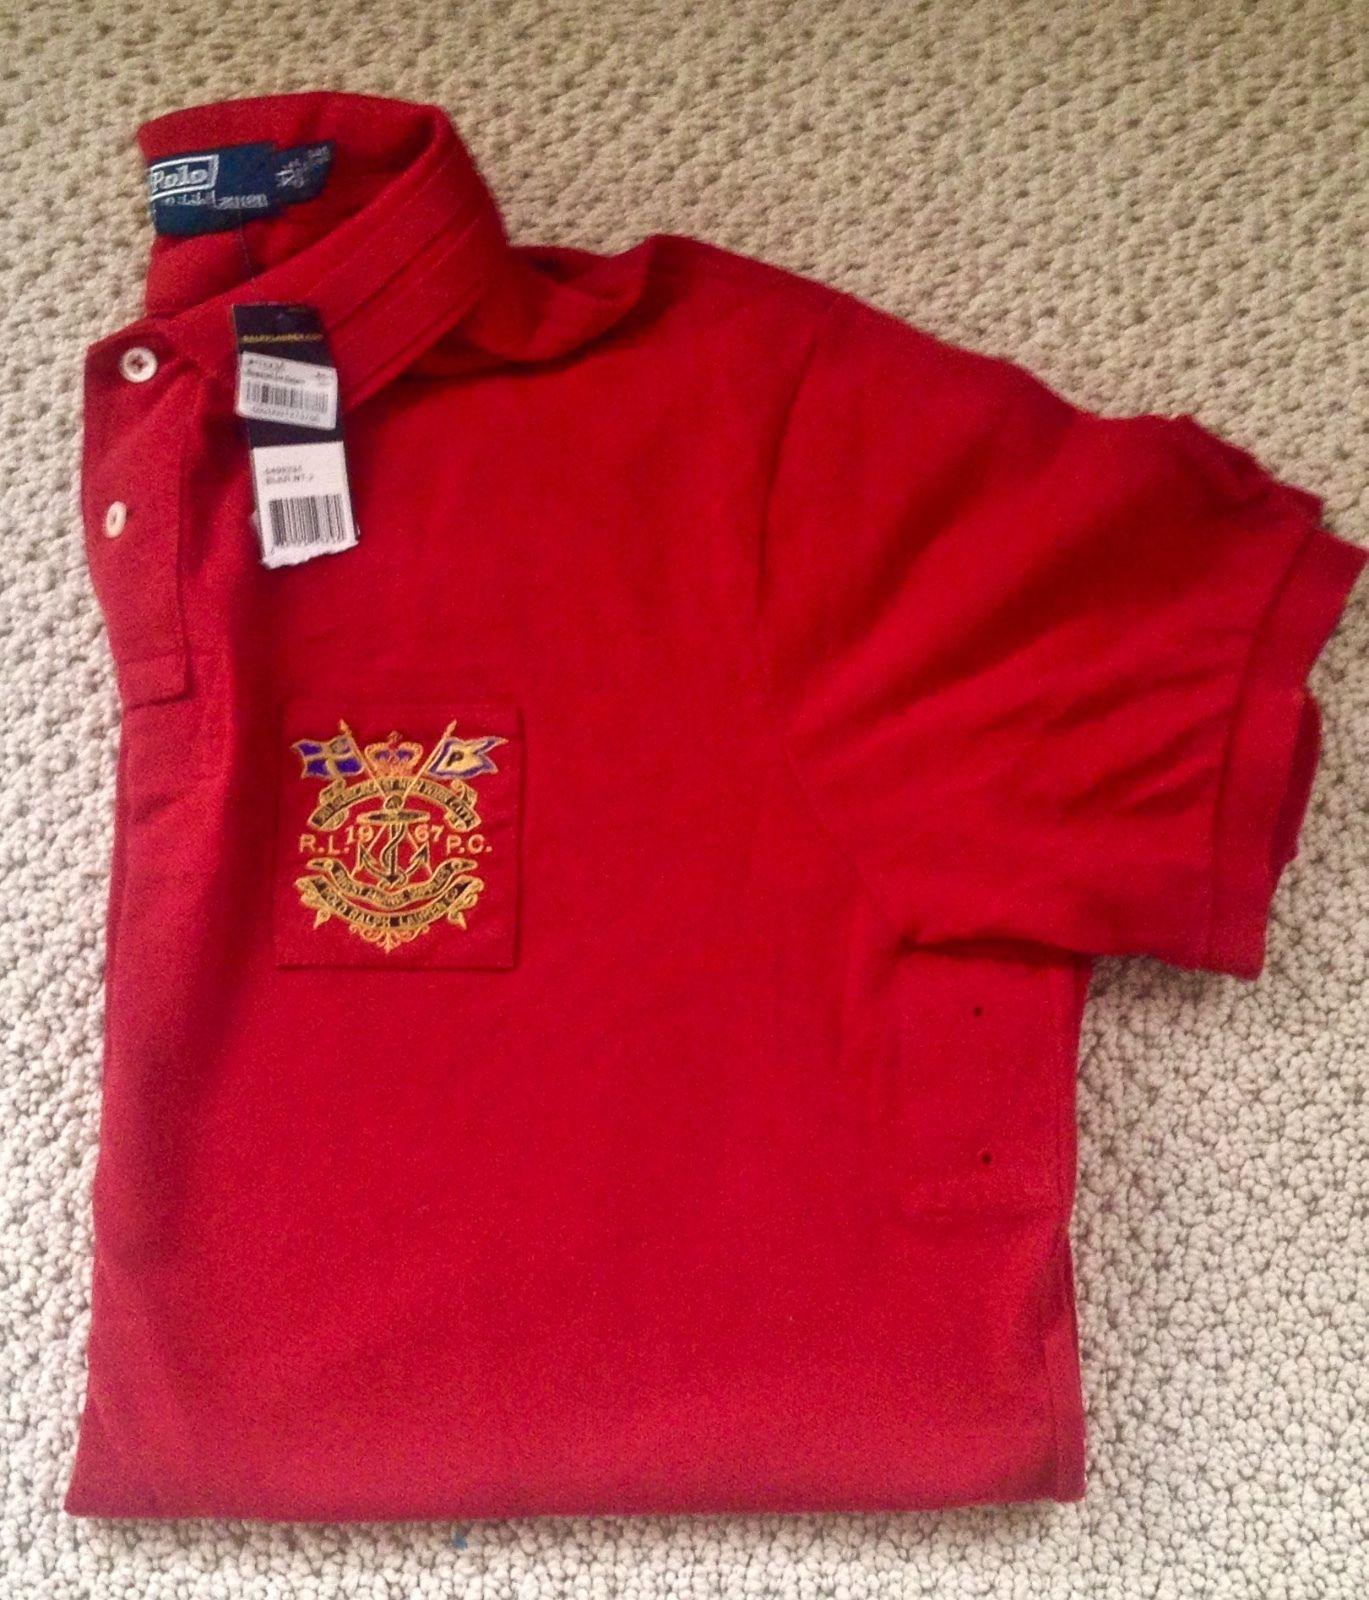 New Mens XL Polo Ralph Lauren shirt Finest Marine Supplies Bleecker st New York https://t.co/SKX1a2H75b https://t.co/heh3s0Lusm